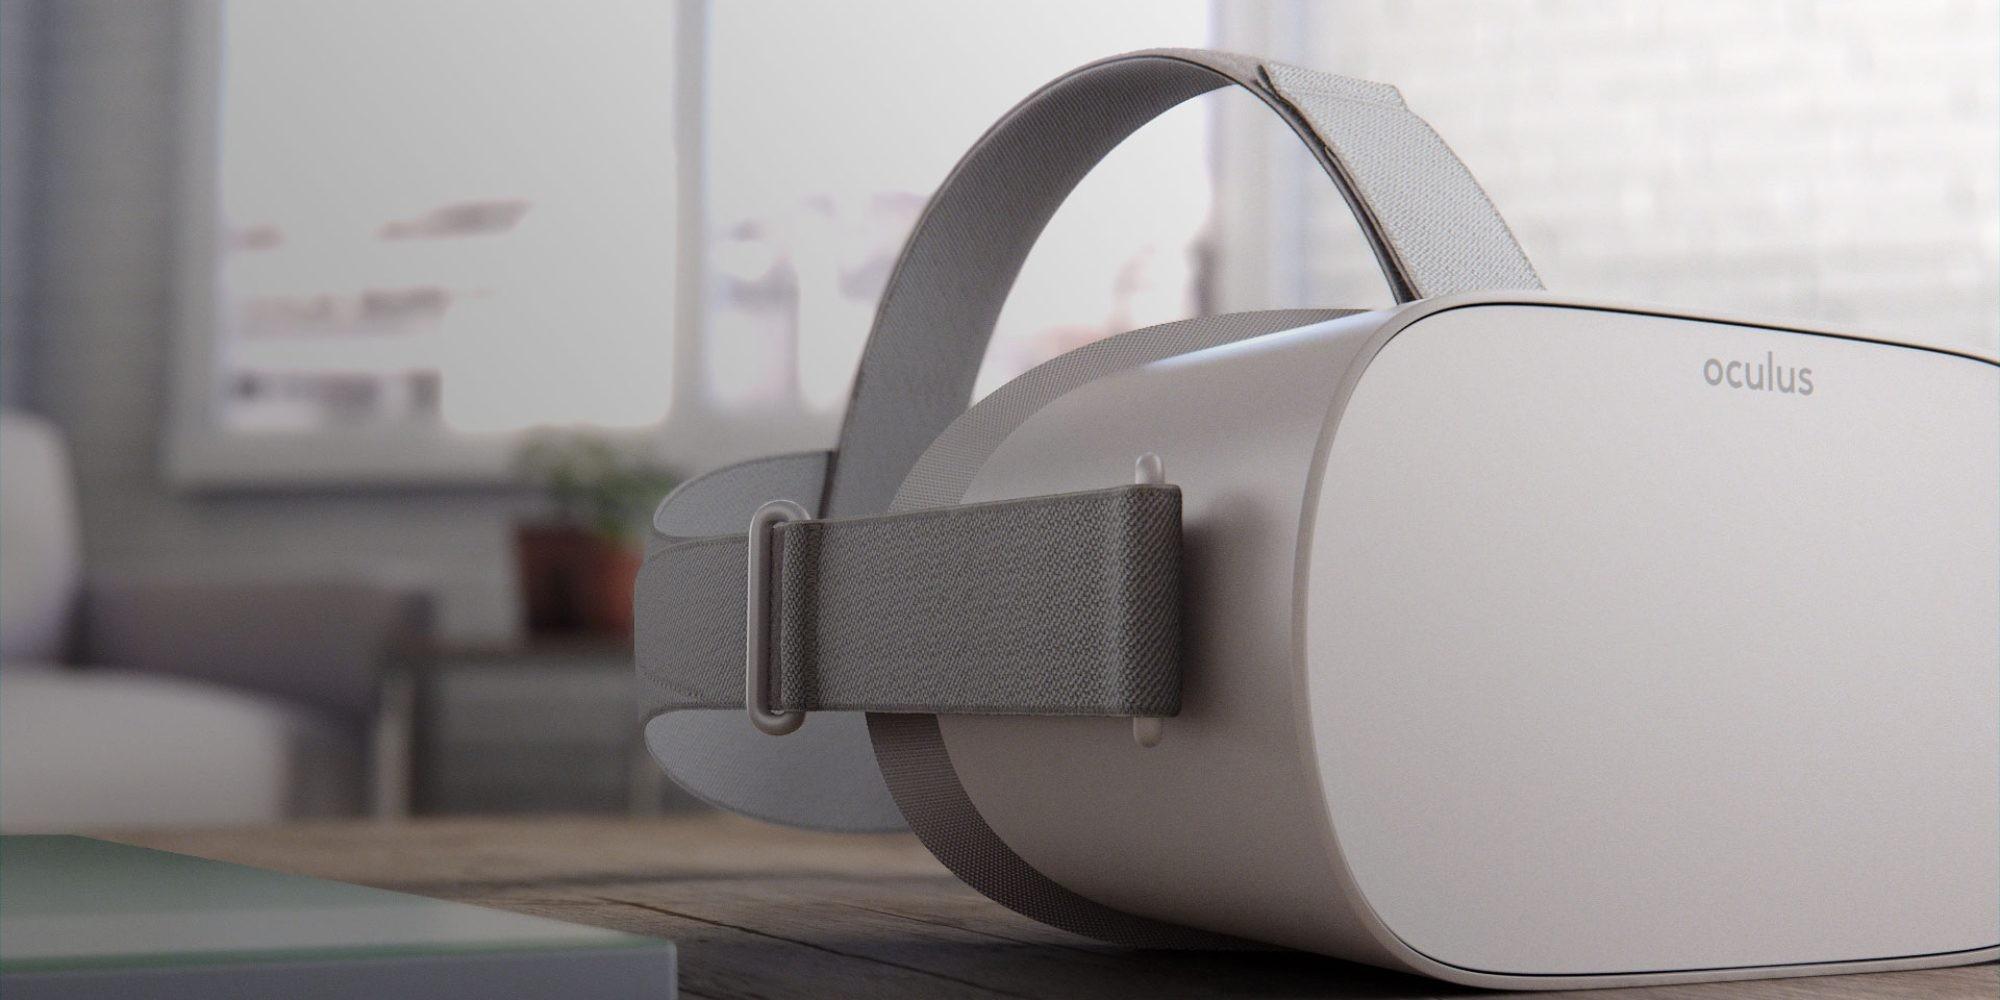 ▲▼Oculus VR 頭戴式裝置。(圖/取自9to5mac)